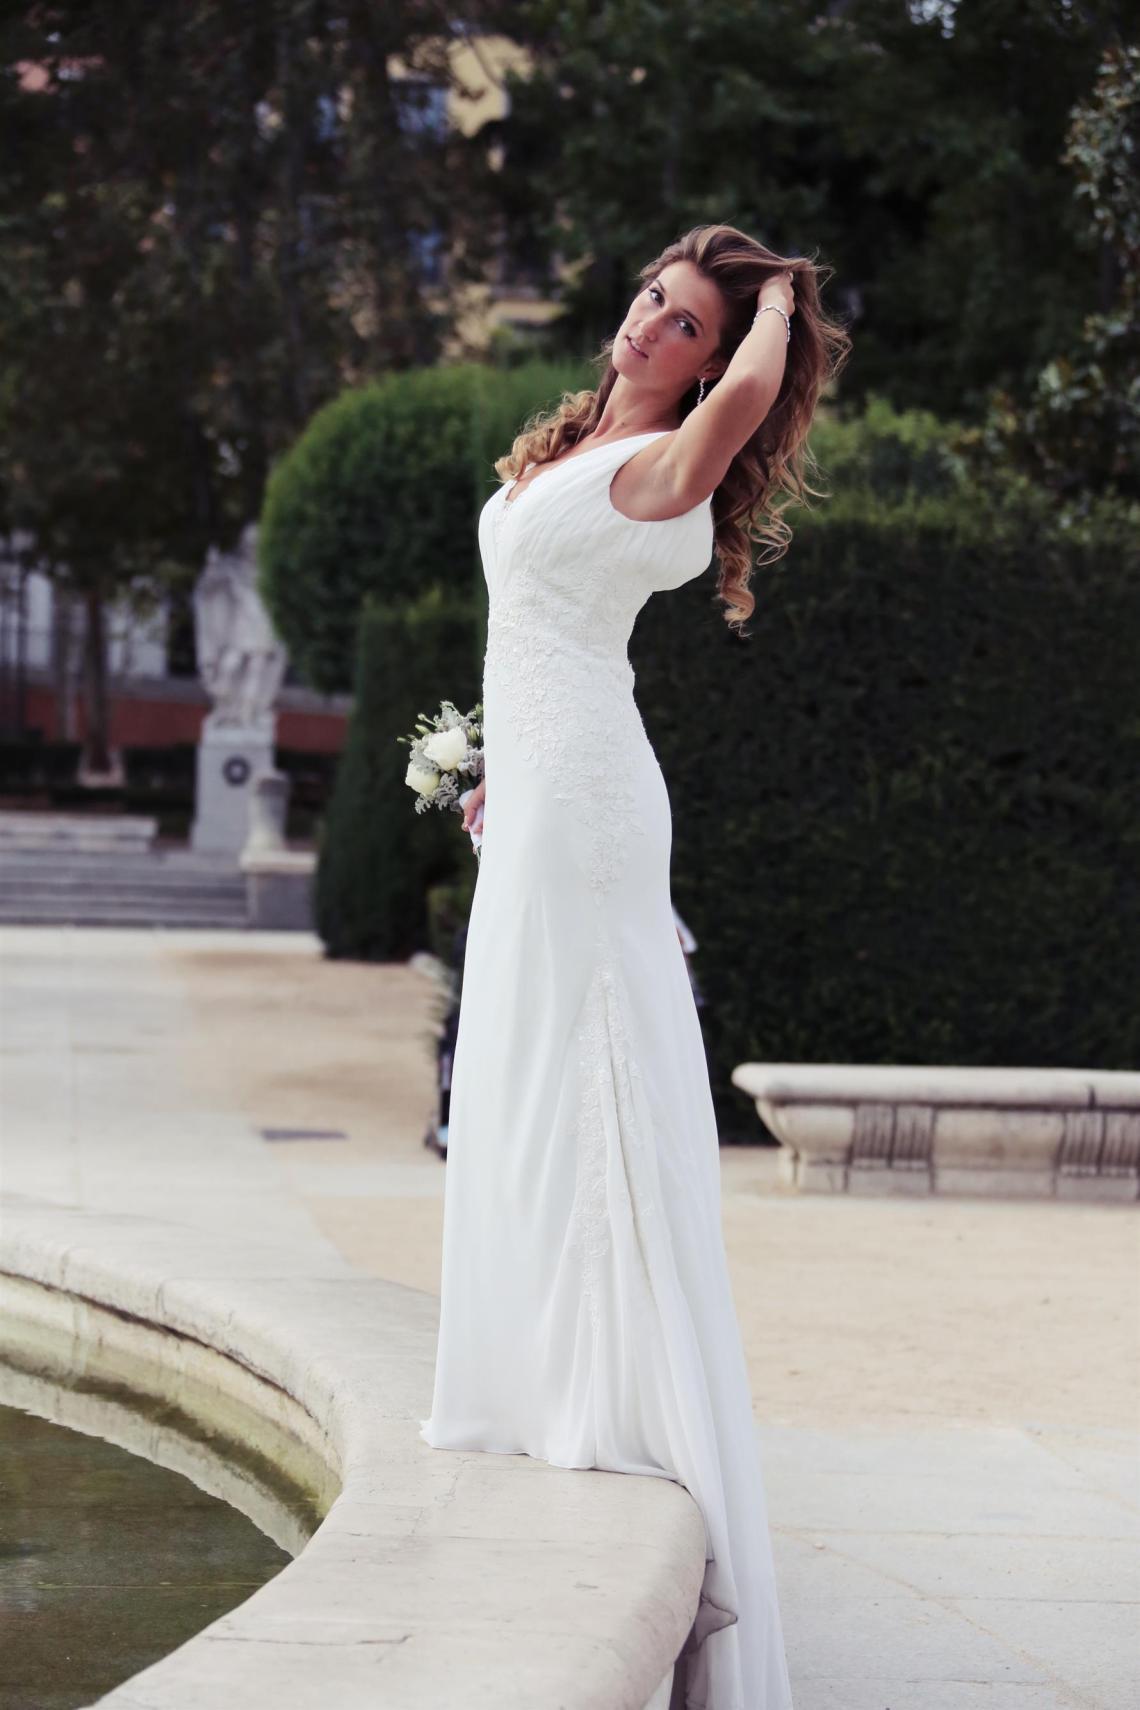 boda-ella-se-viste-de-blanco (6)